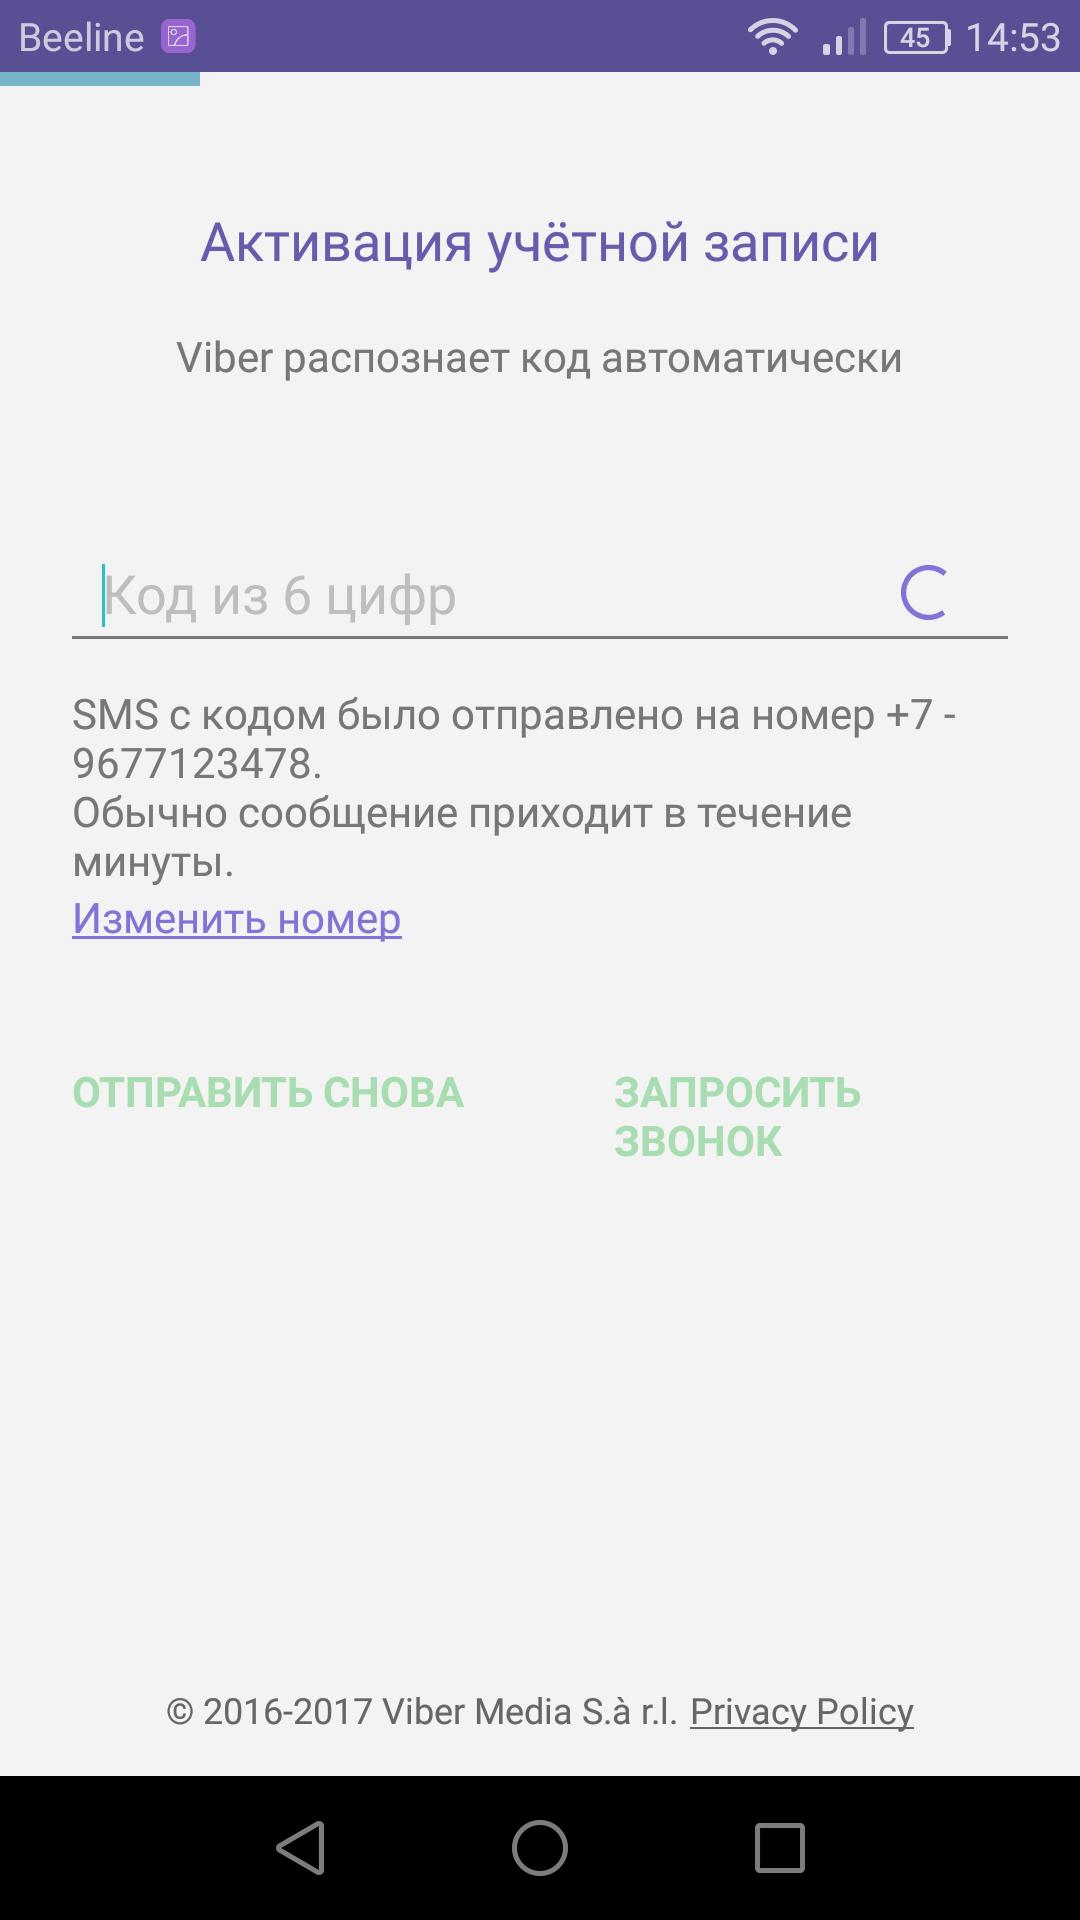 Зачем нужны смс (sms), чем sms-сообщения отличаются от whatsapp или других месcенджеров?